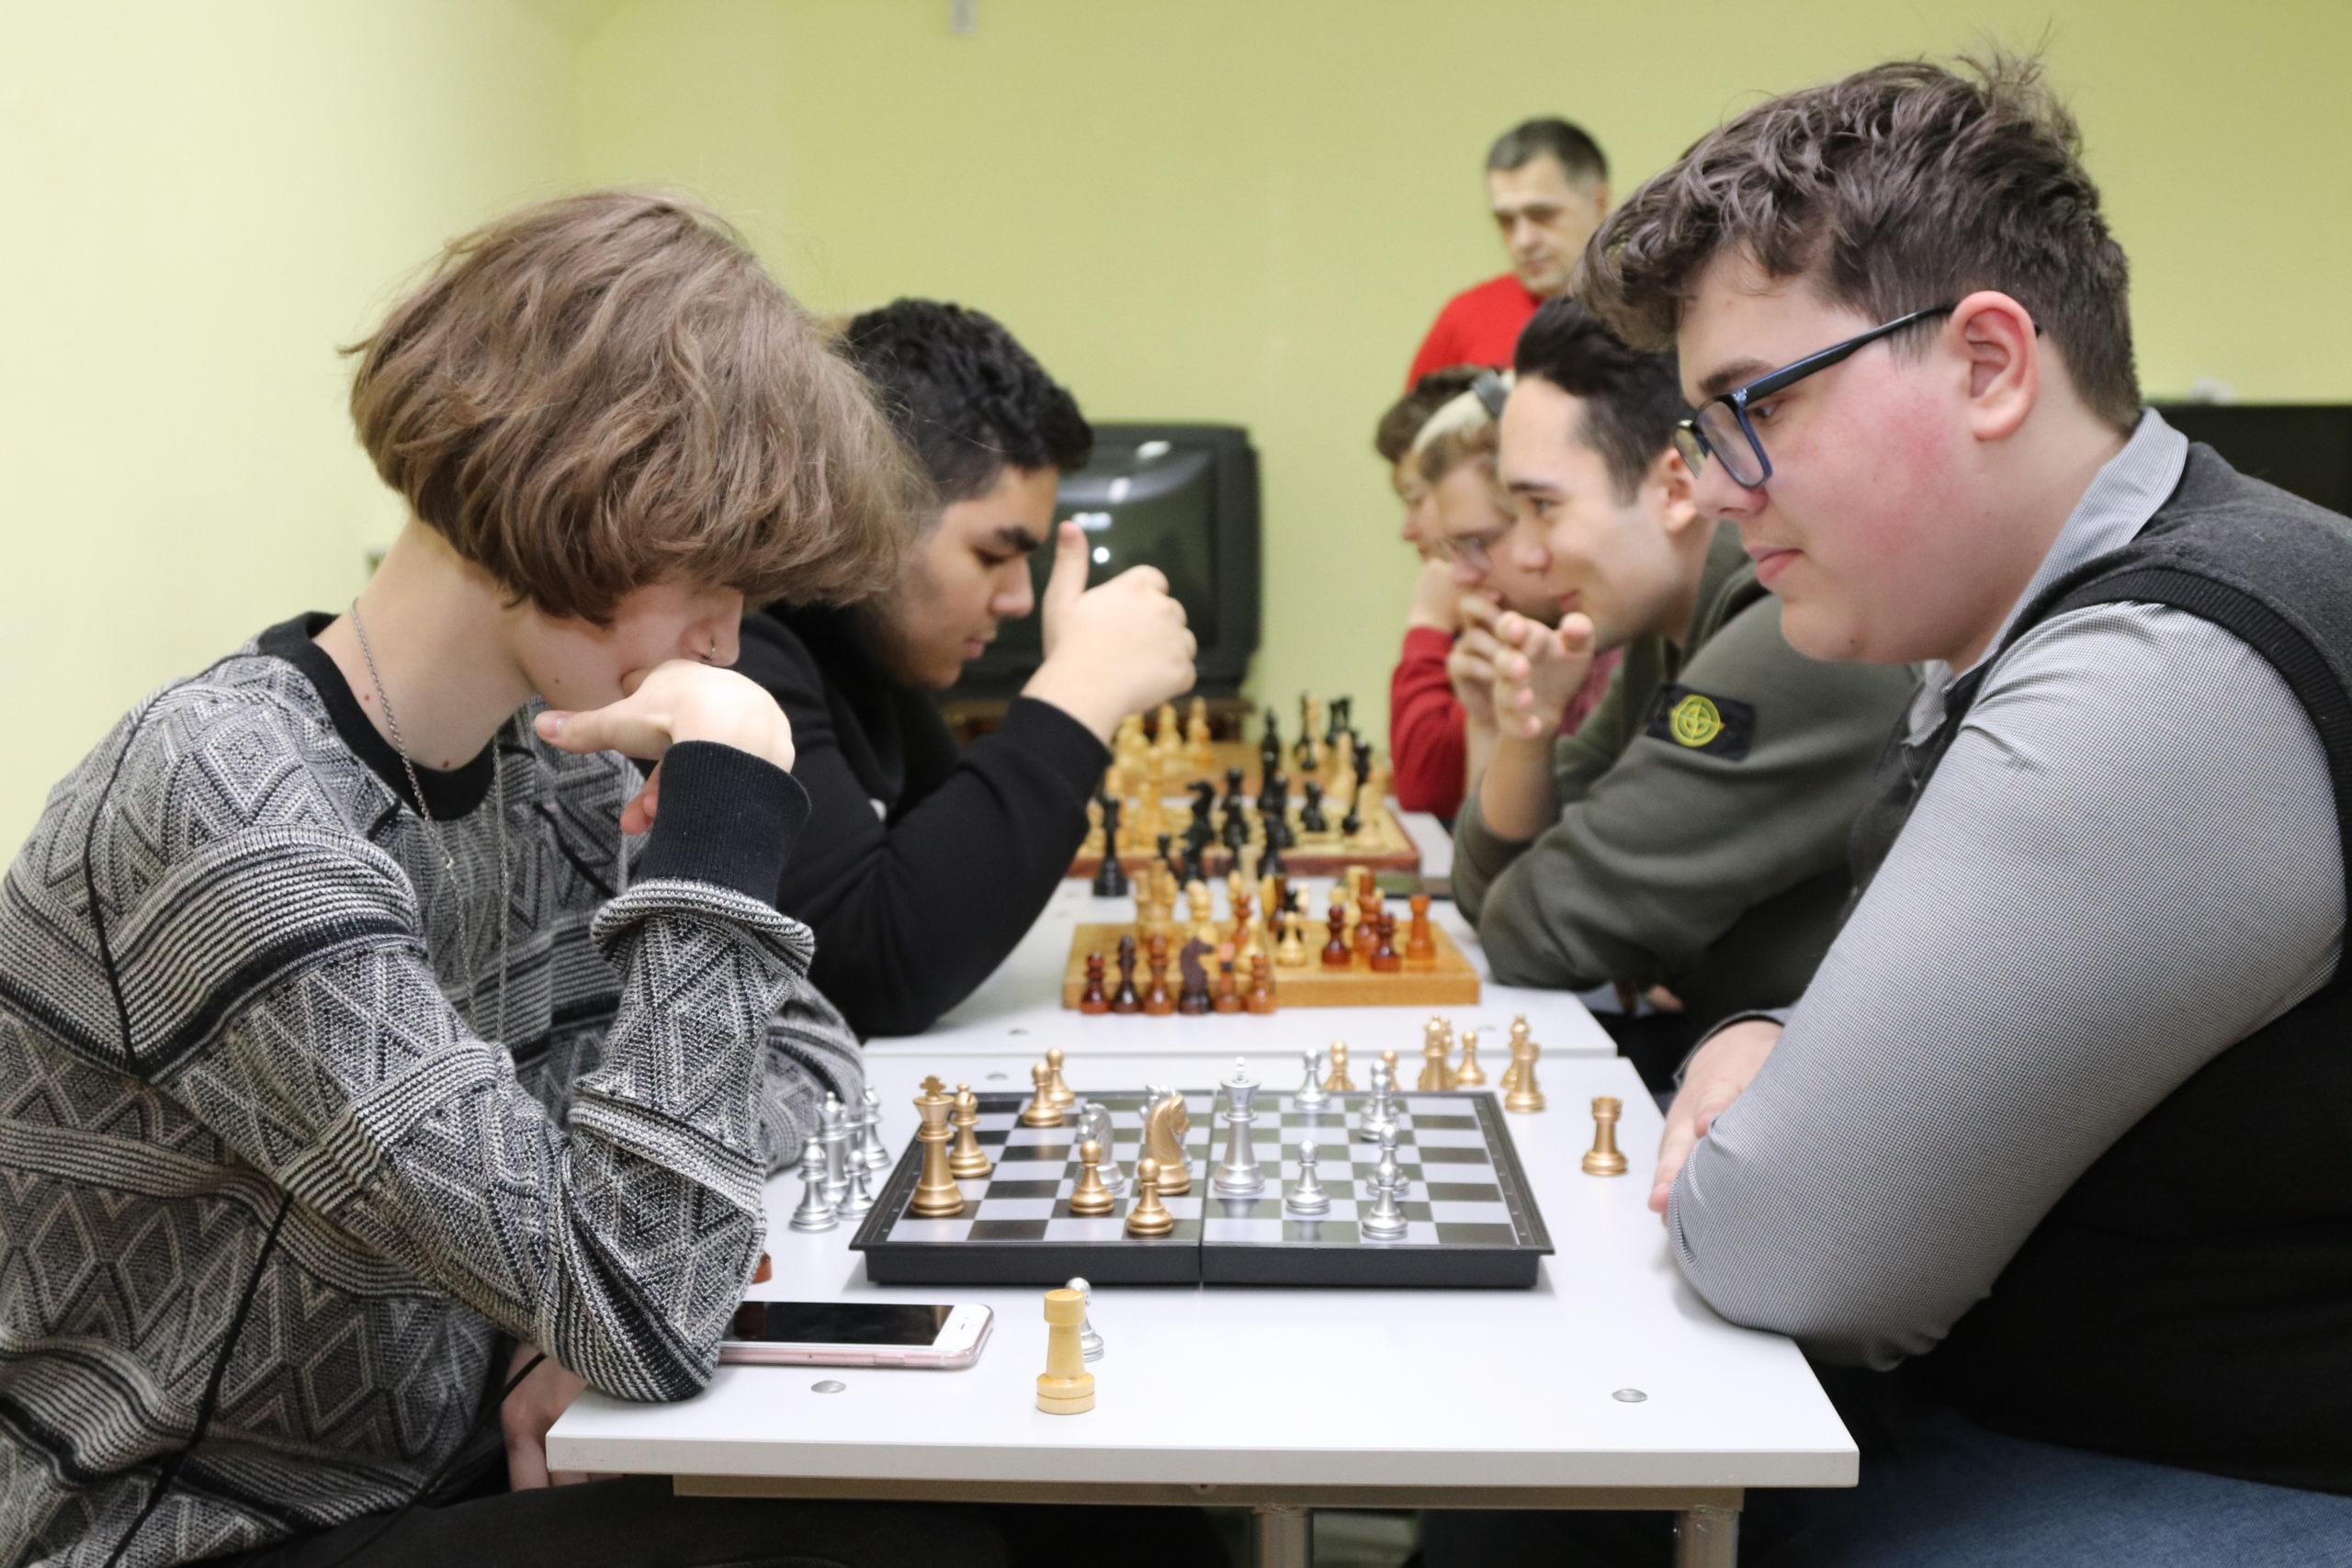 Шахматный турнир в школе